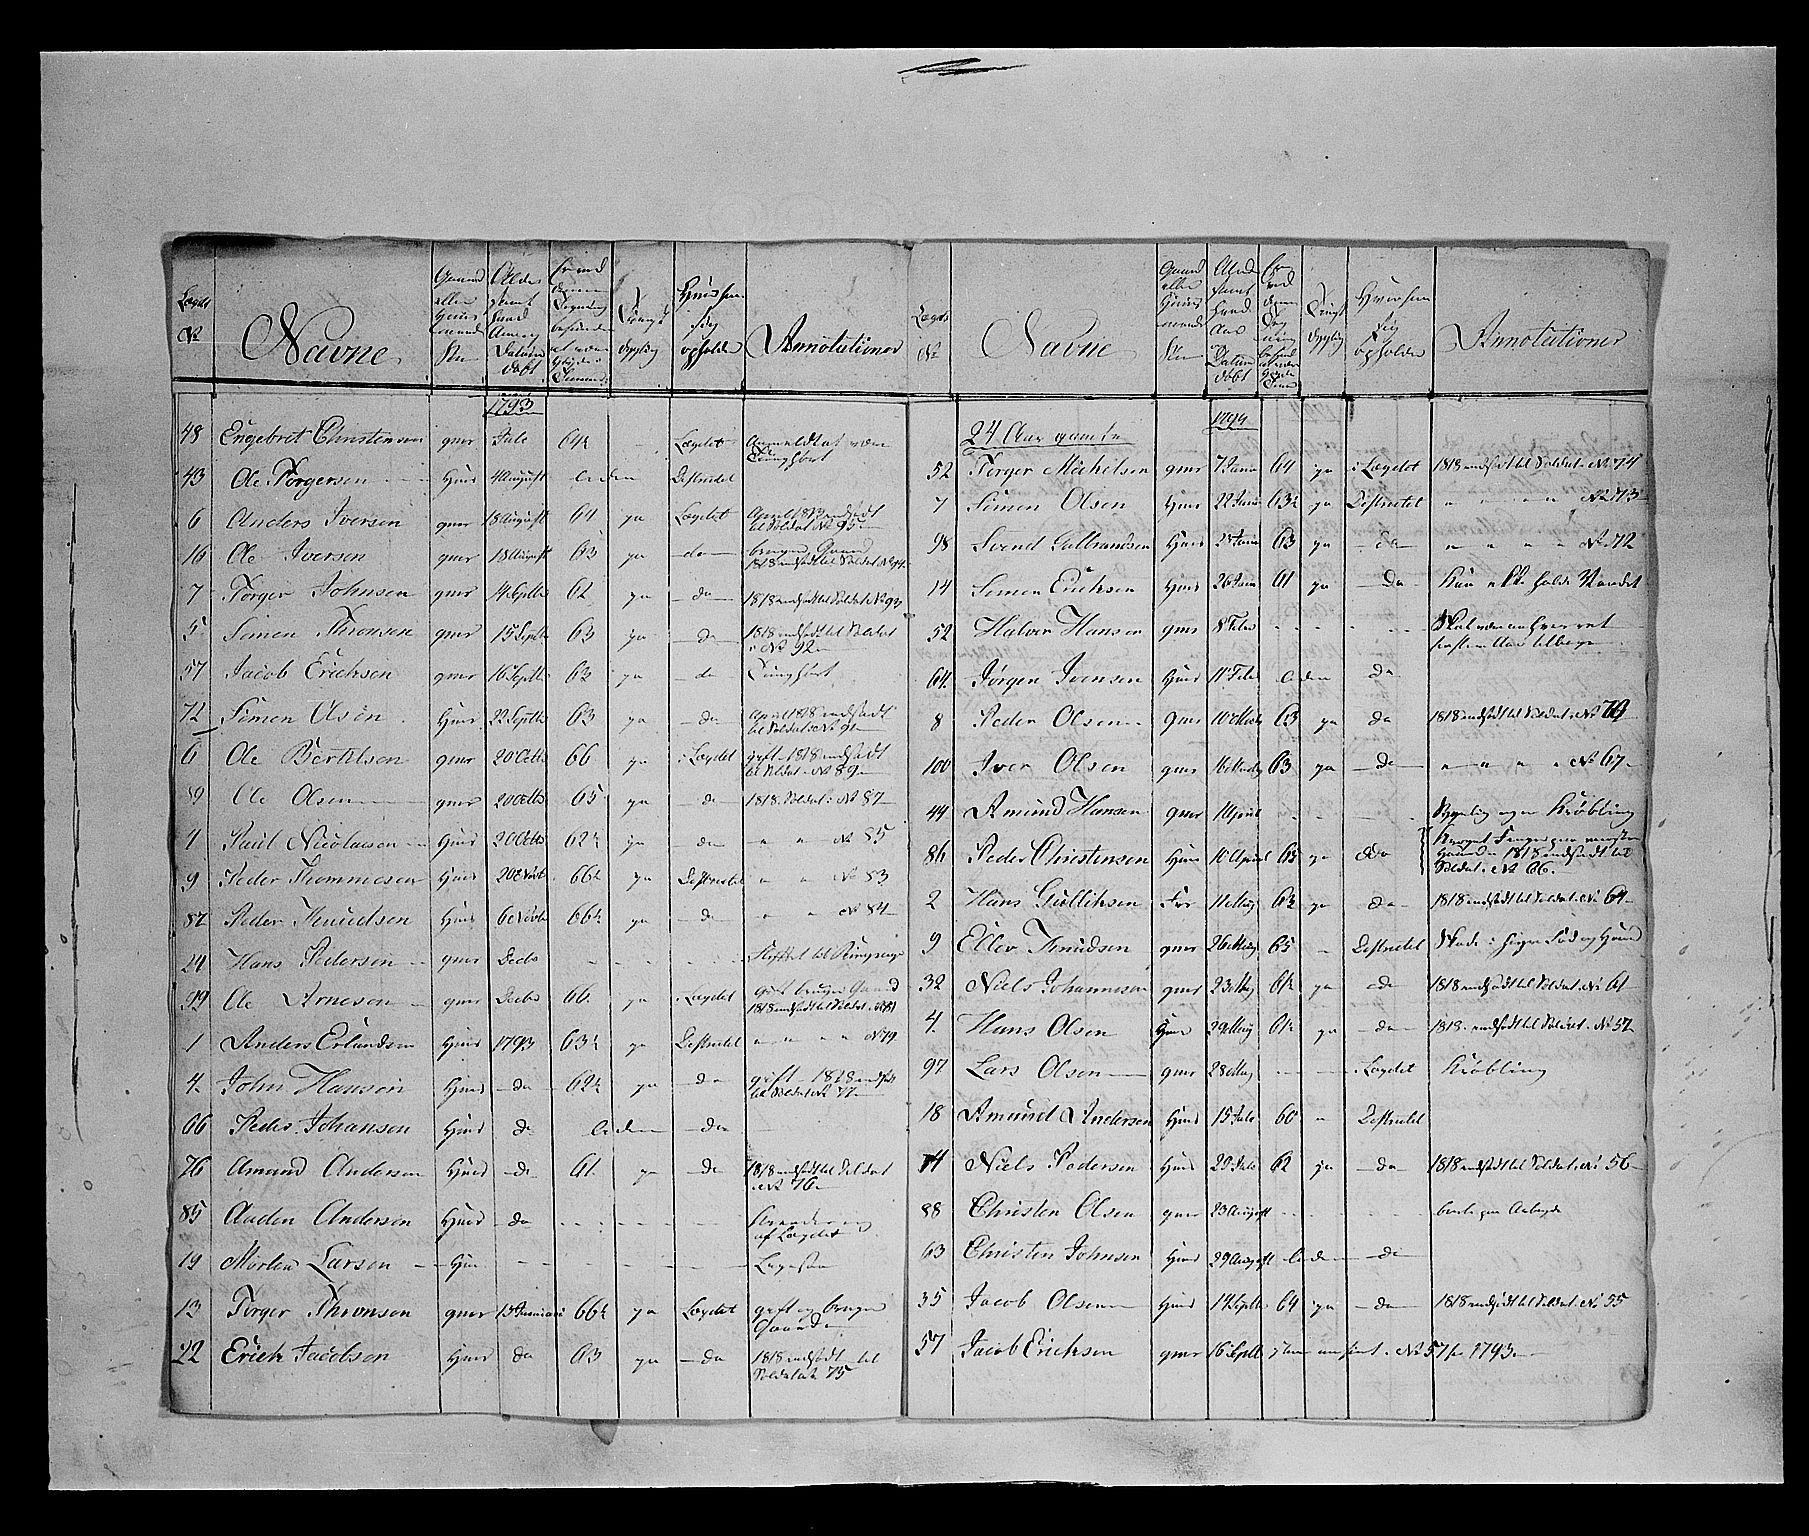 SAH, Fylkesmannen i Oppland, K/Ka/L1155: Gudbrandsdalen nasjonale musketérkorps - Gausdalske kompani, 3. og 4. divisjon av Opland landvernsbataljon, 1818-1860, s. 5